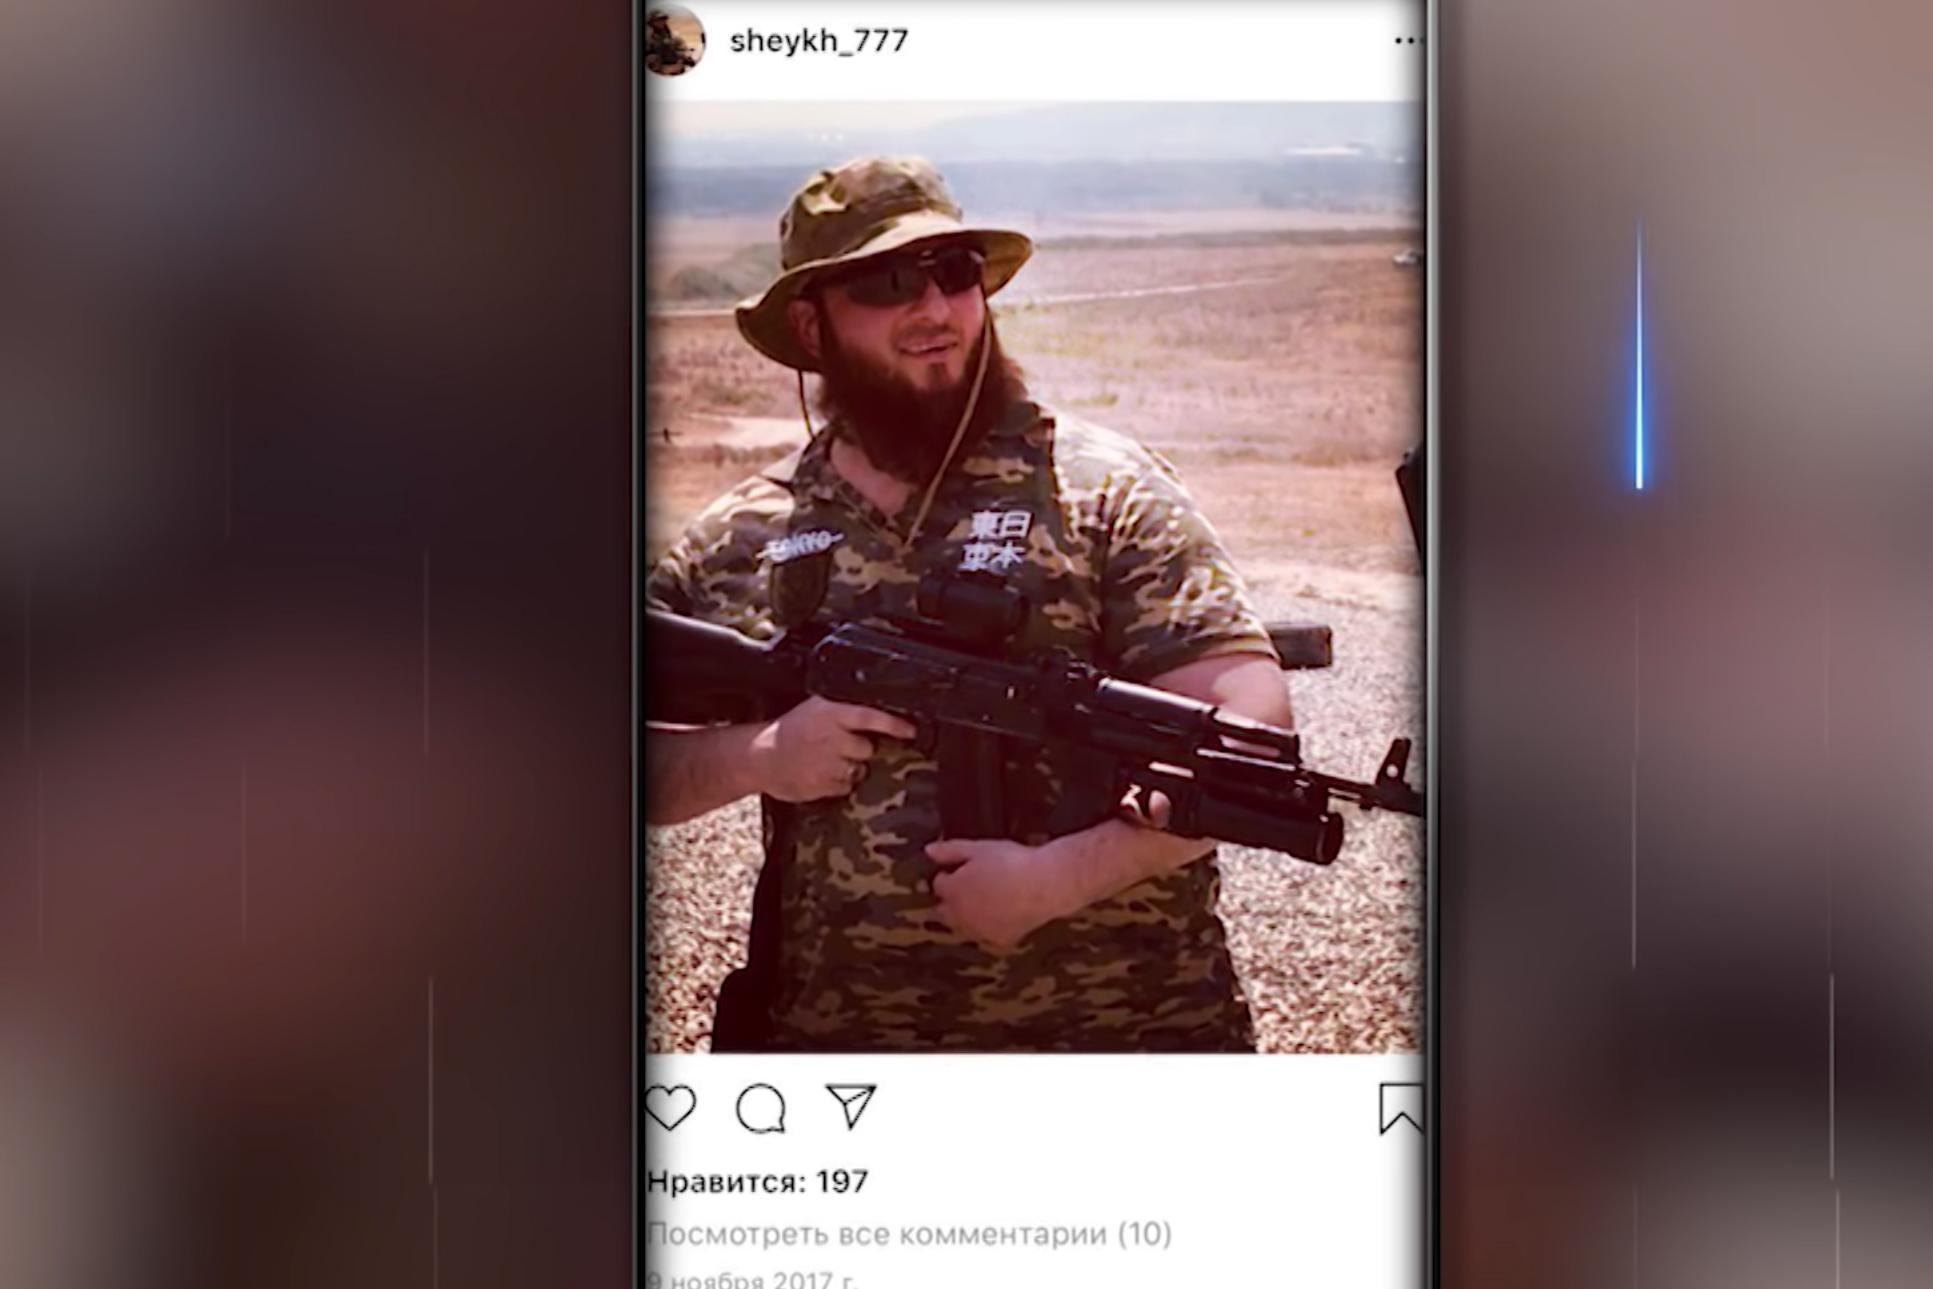 Чеченцы угодили в новый скандал